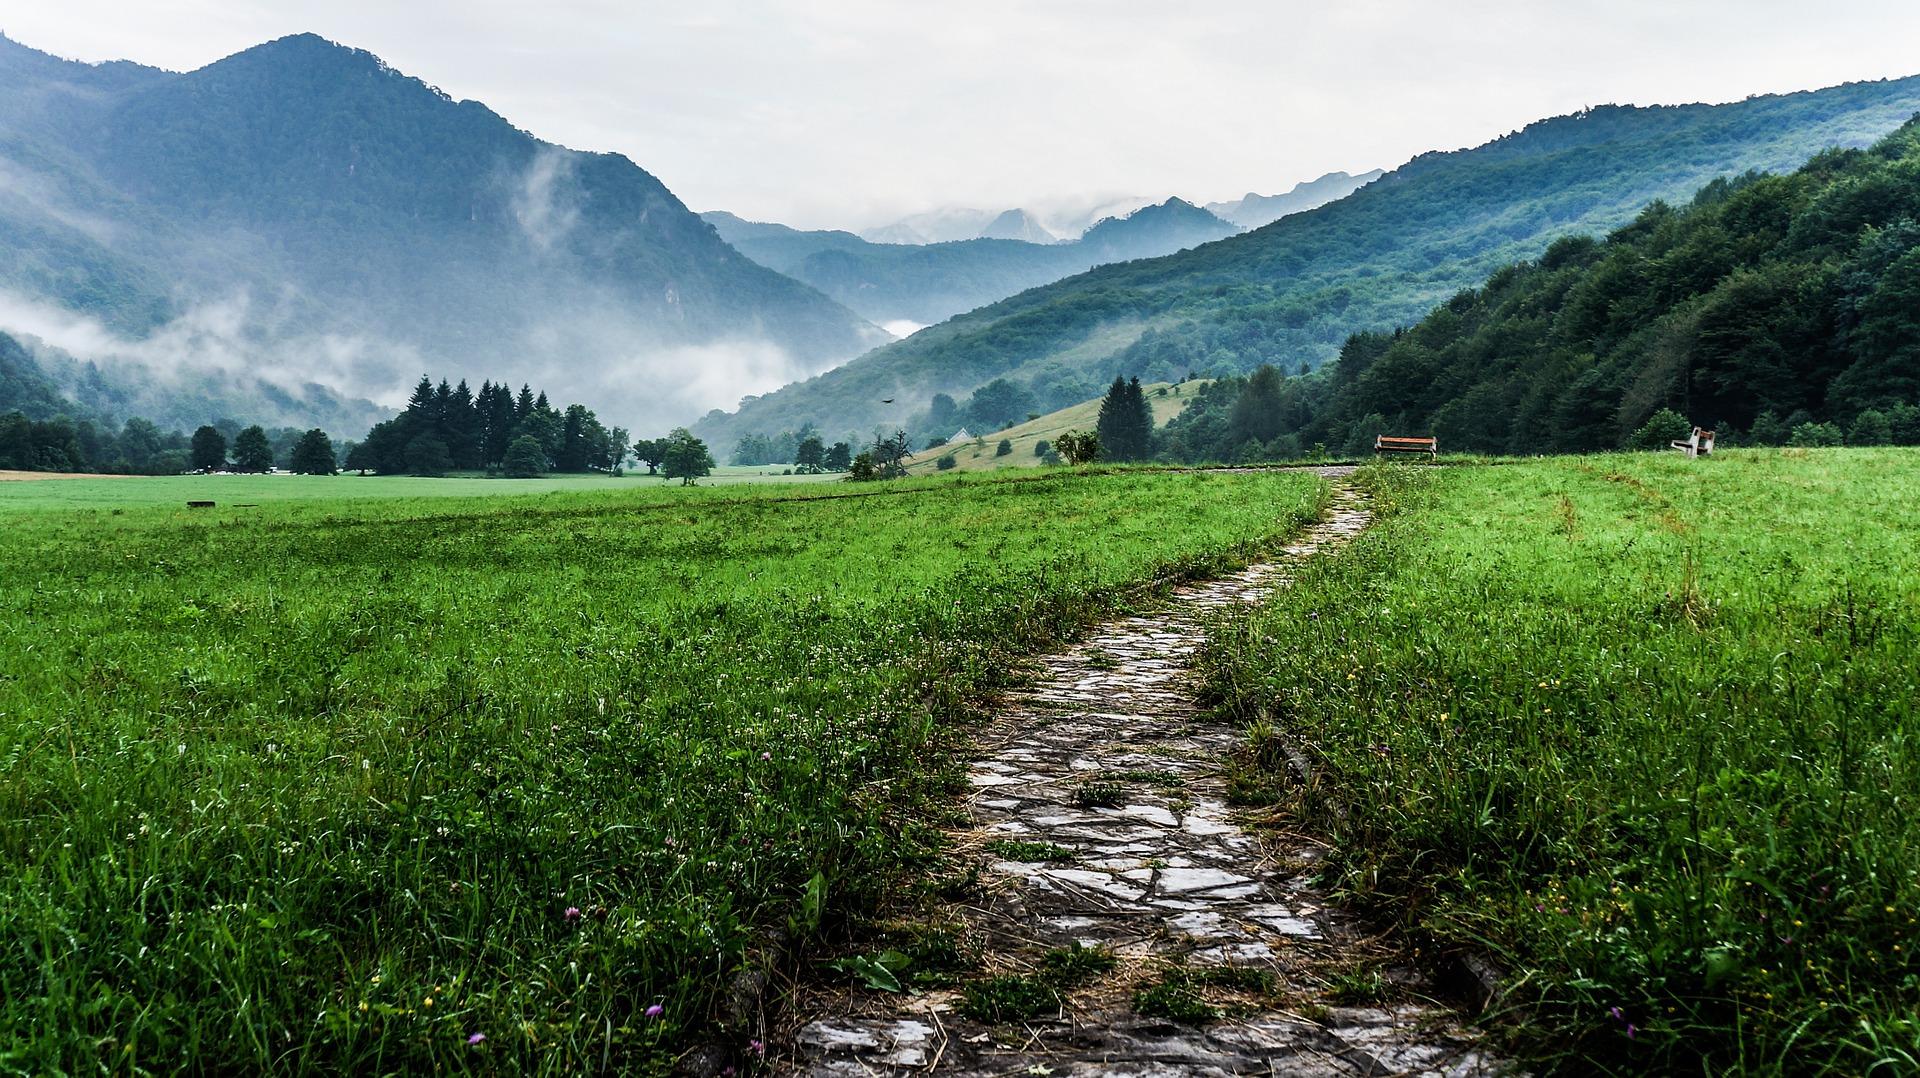 Weg in grüner Wiese im Nebel